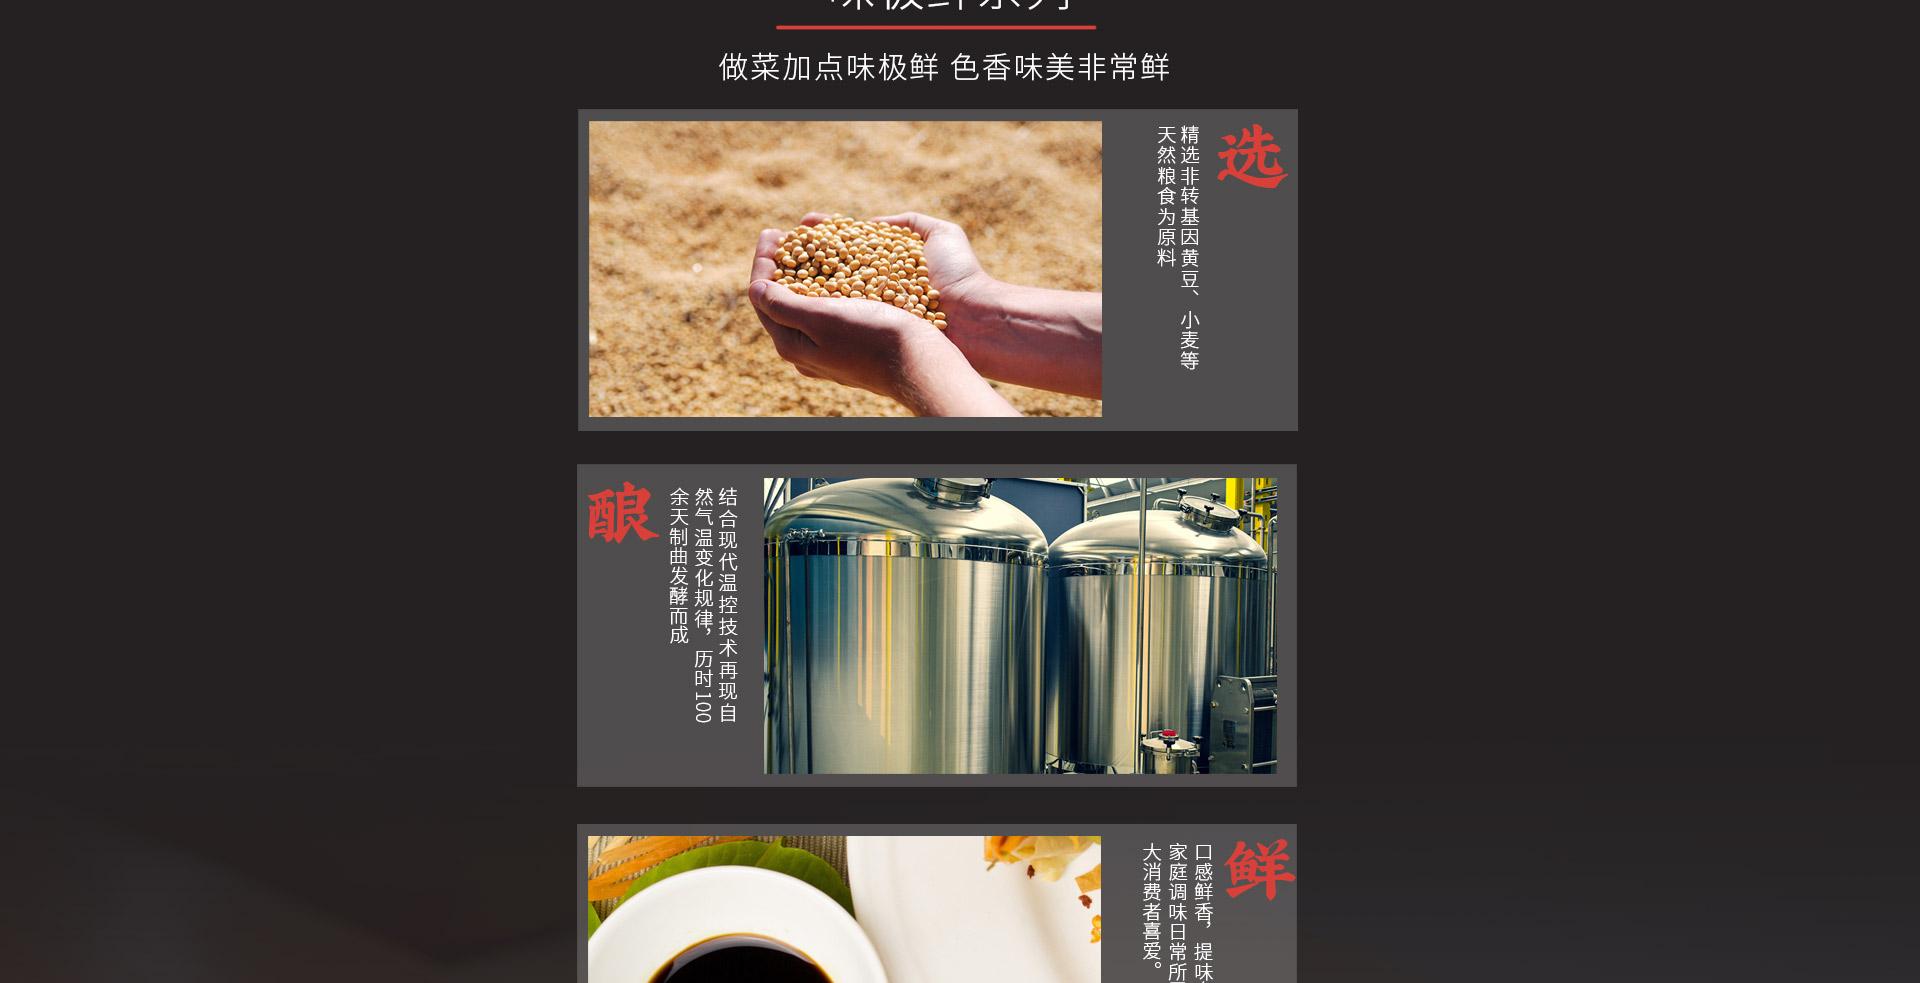 产品-酱油_02.jpg